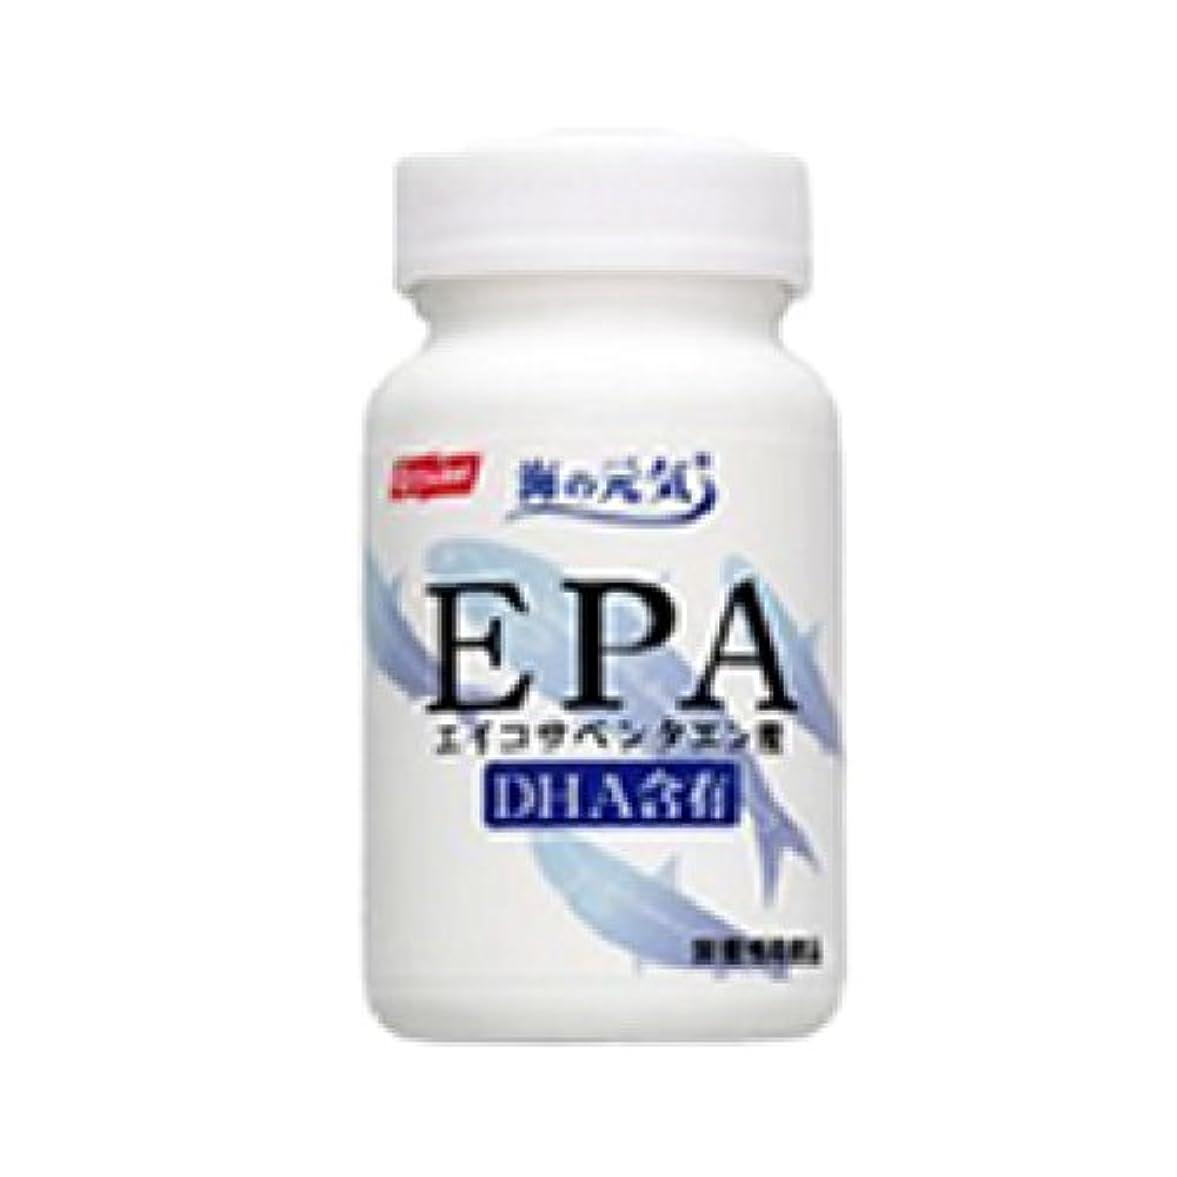 注入する露報復する海の元気 EPA 120粒入(お試しセット)